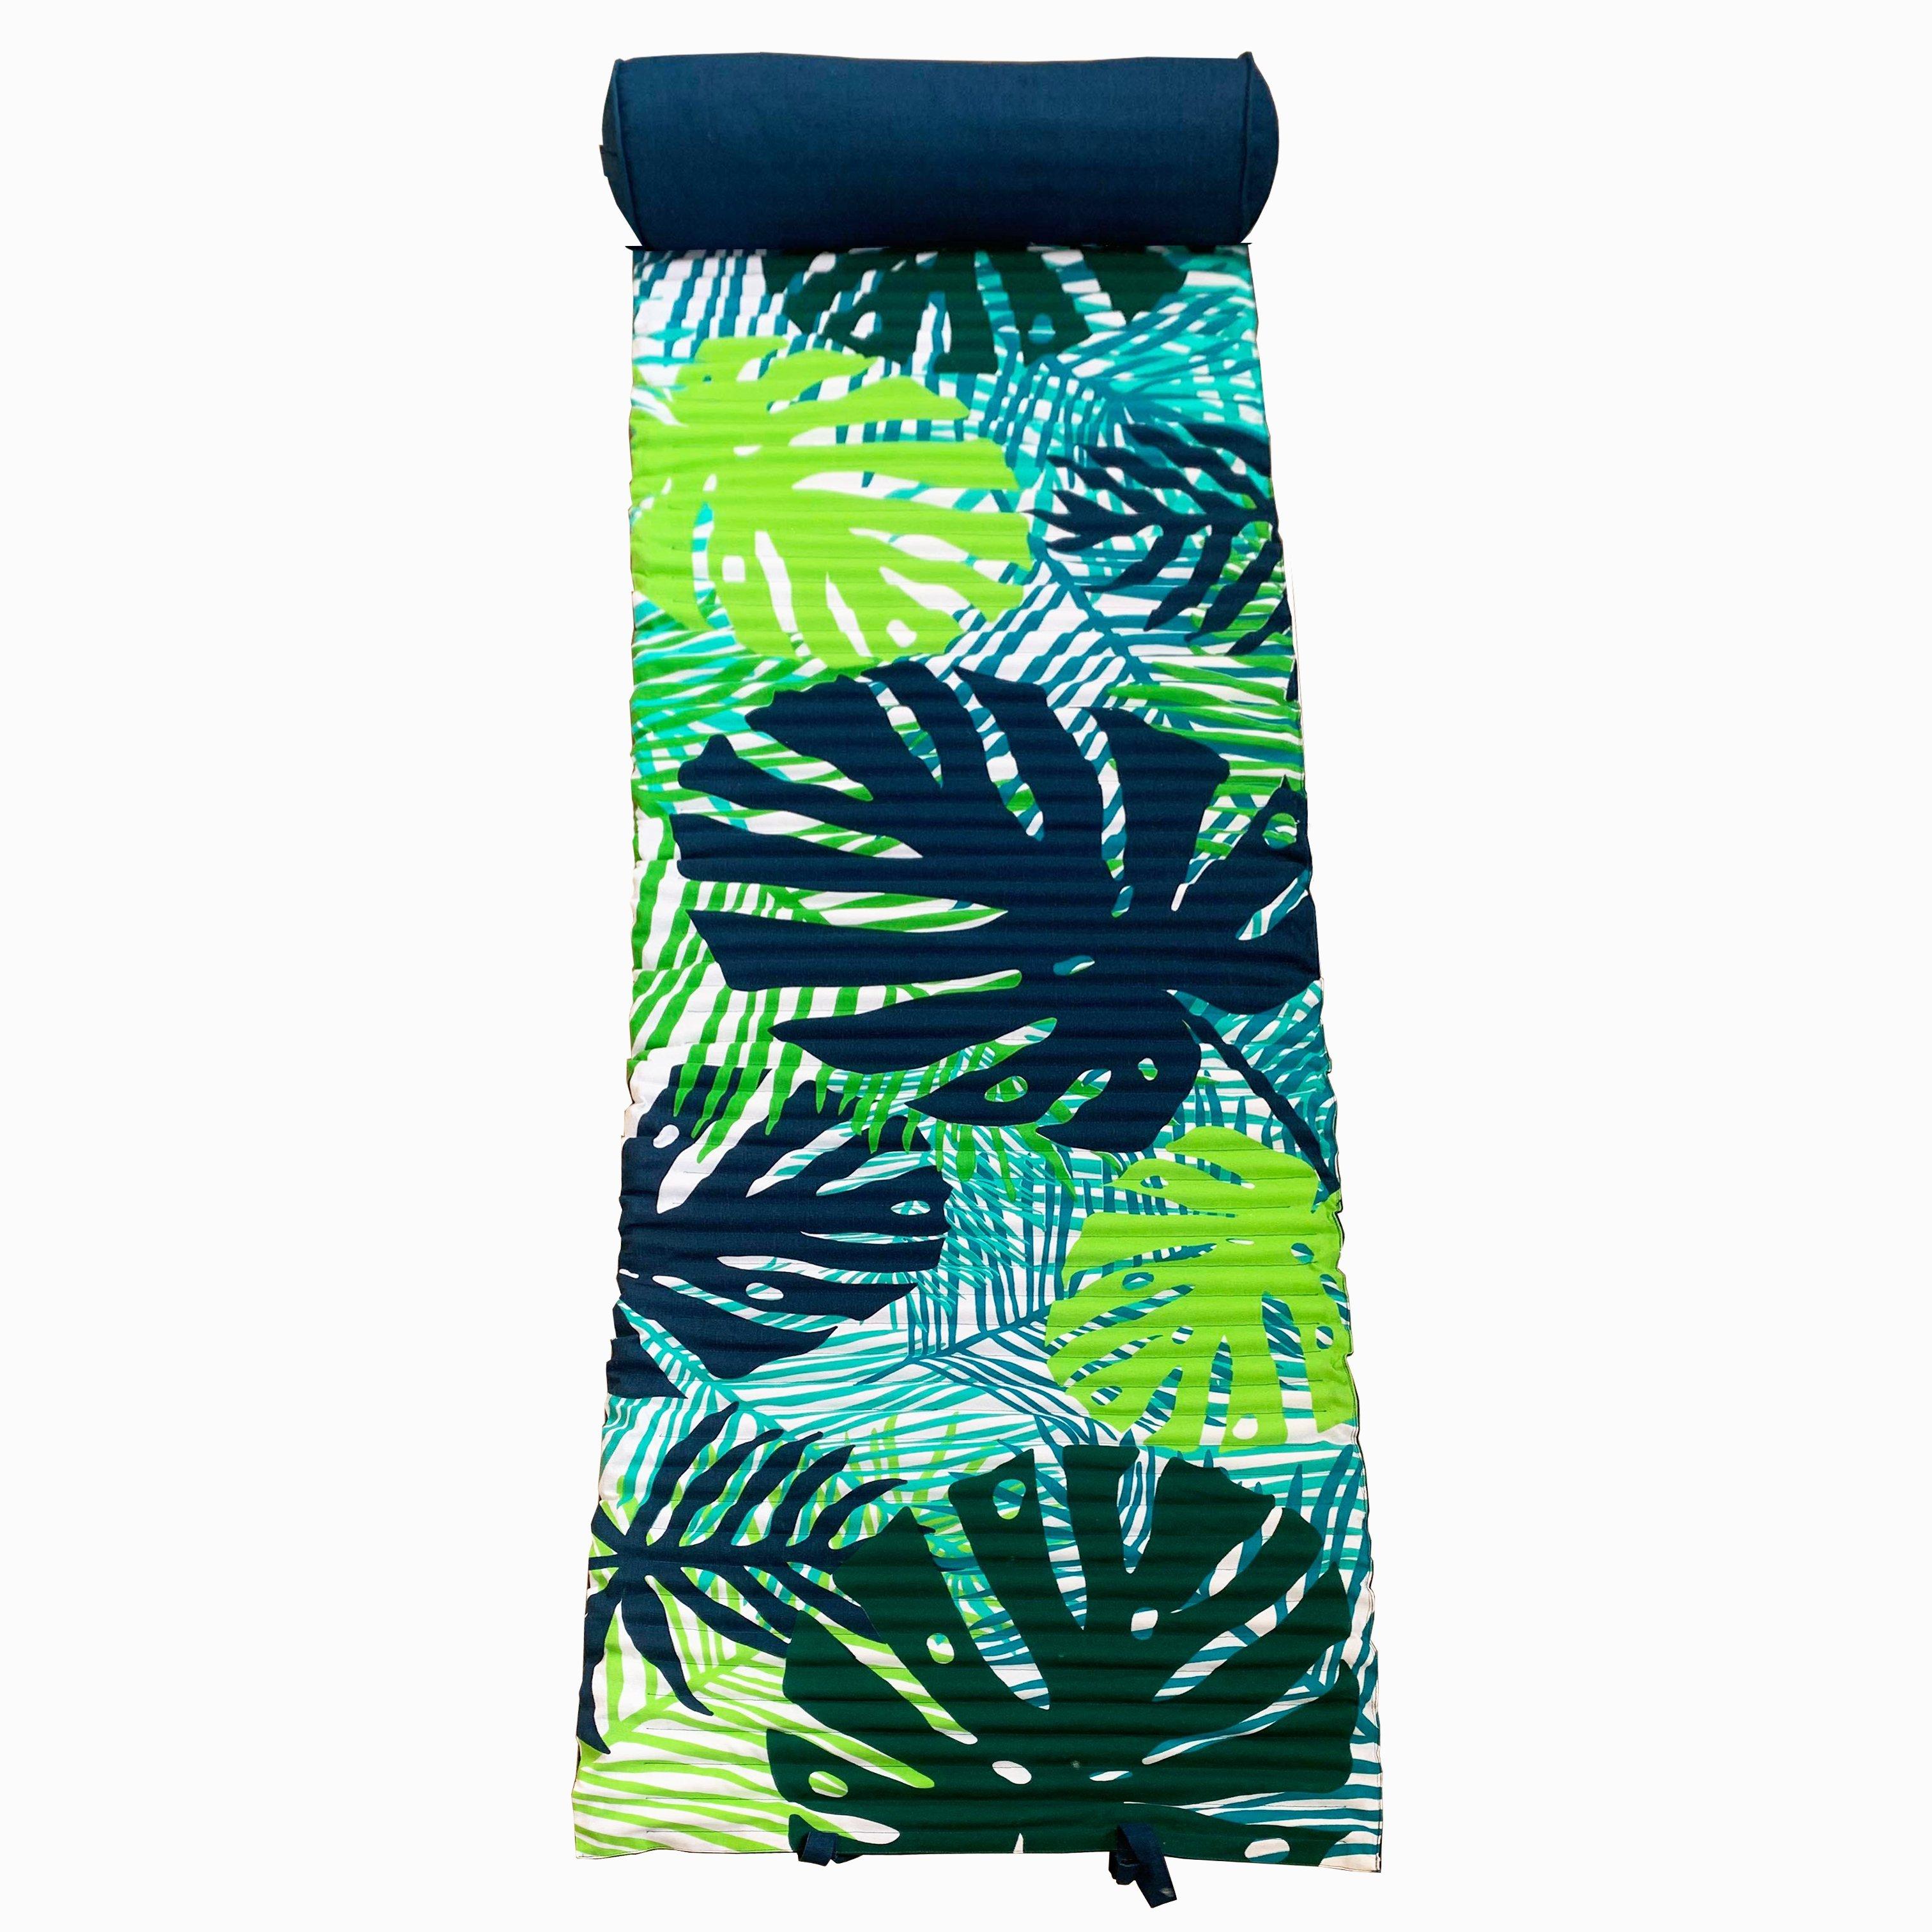 Matelas de plage pour bain de soleil vert tropical leaves 60 x 180